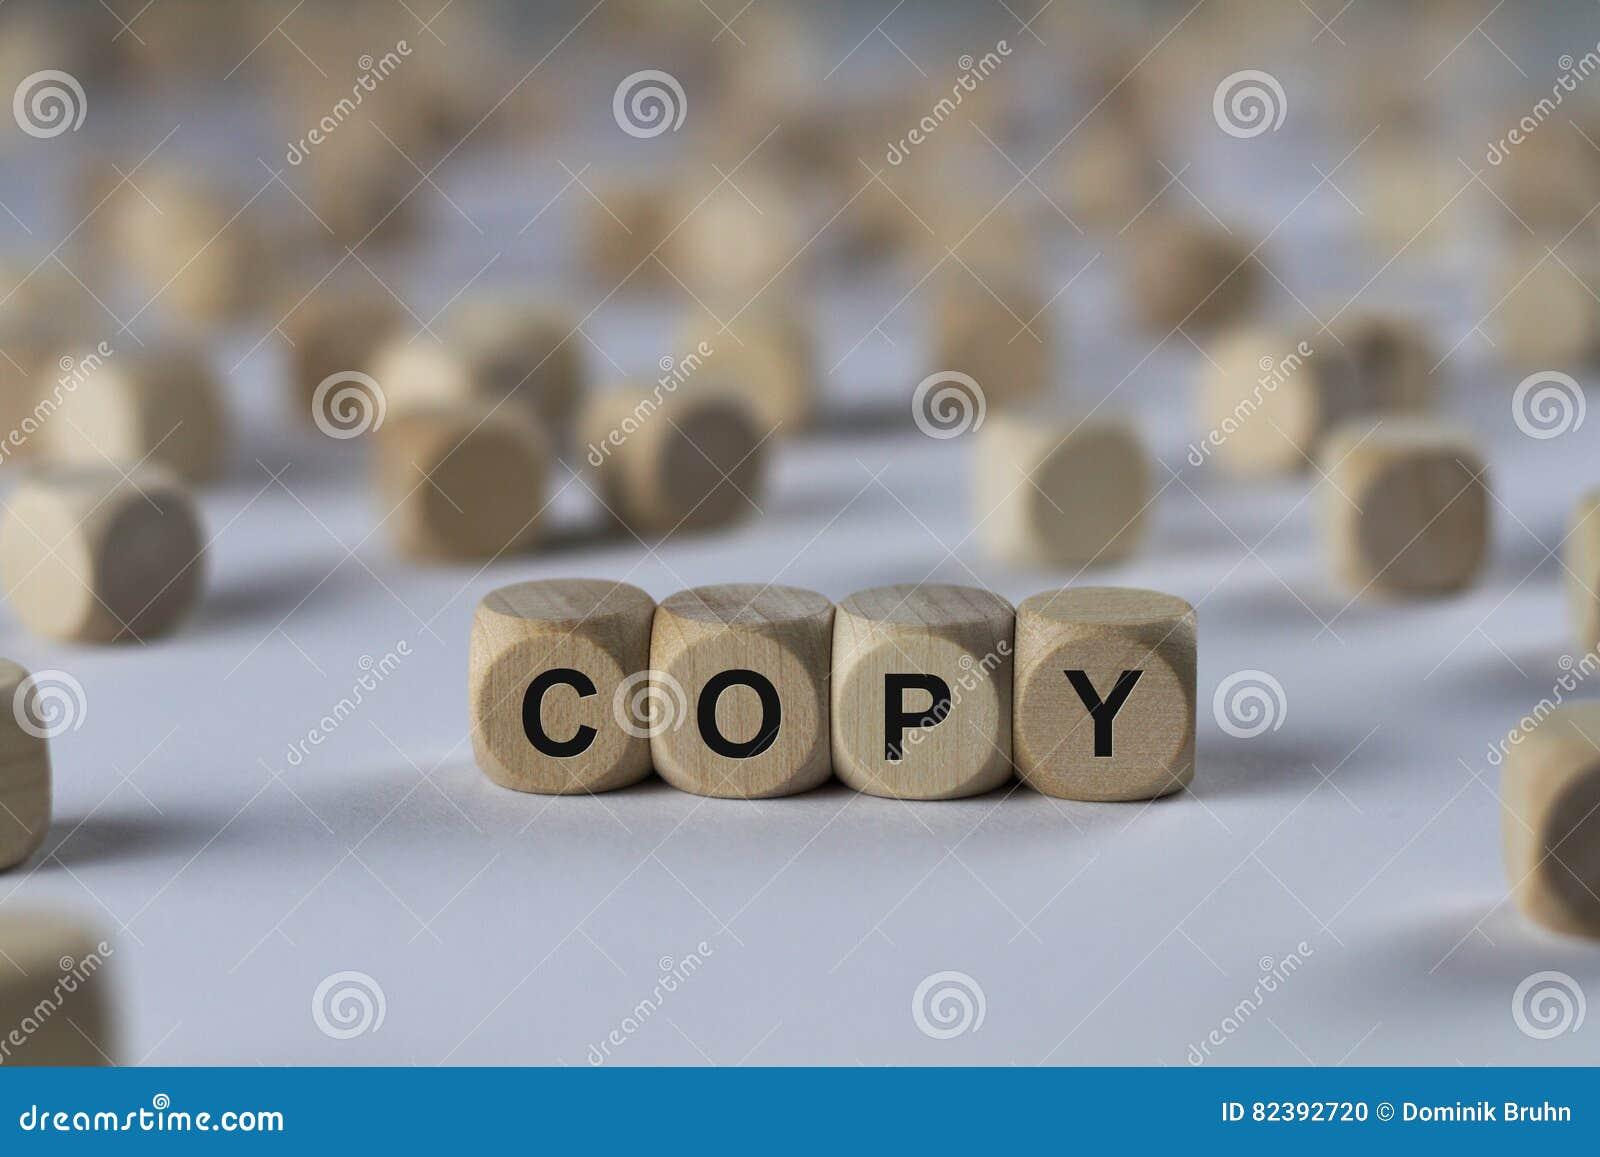 Copie - cube avec des lettres, signe avec les cubes en bois